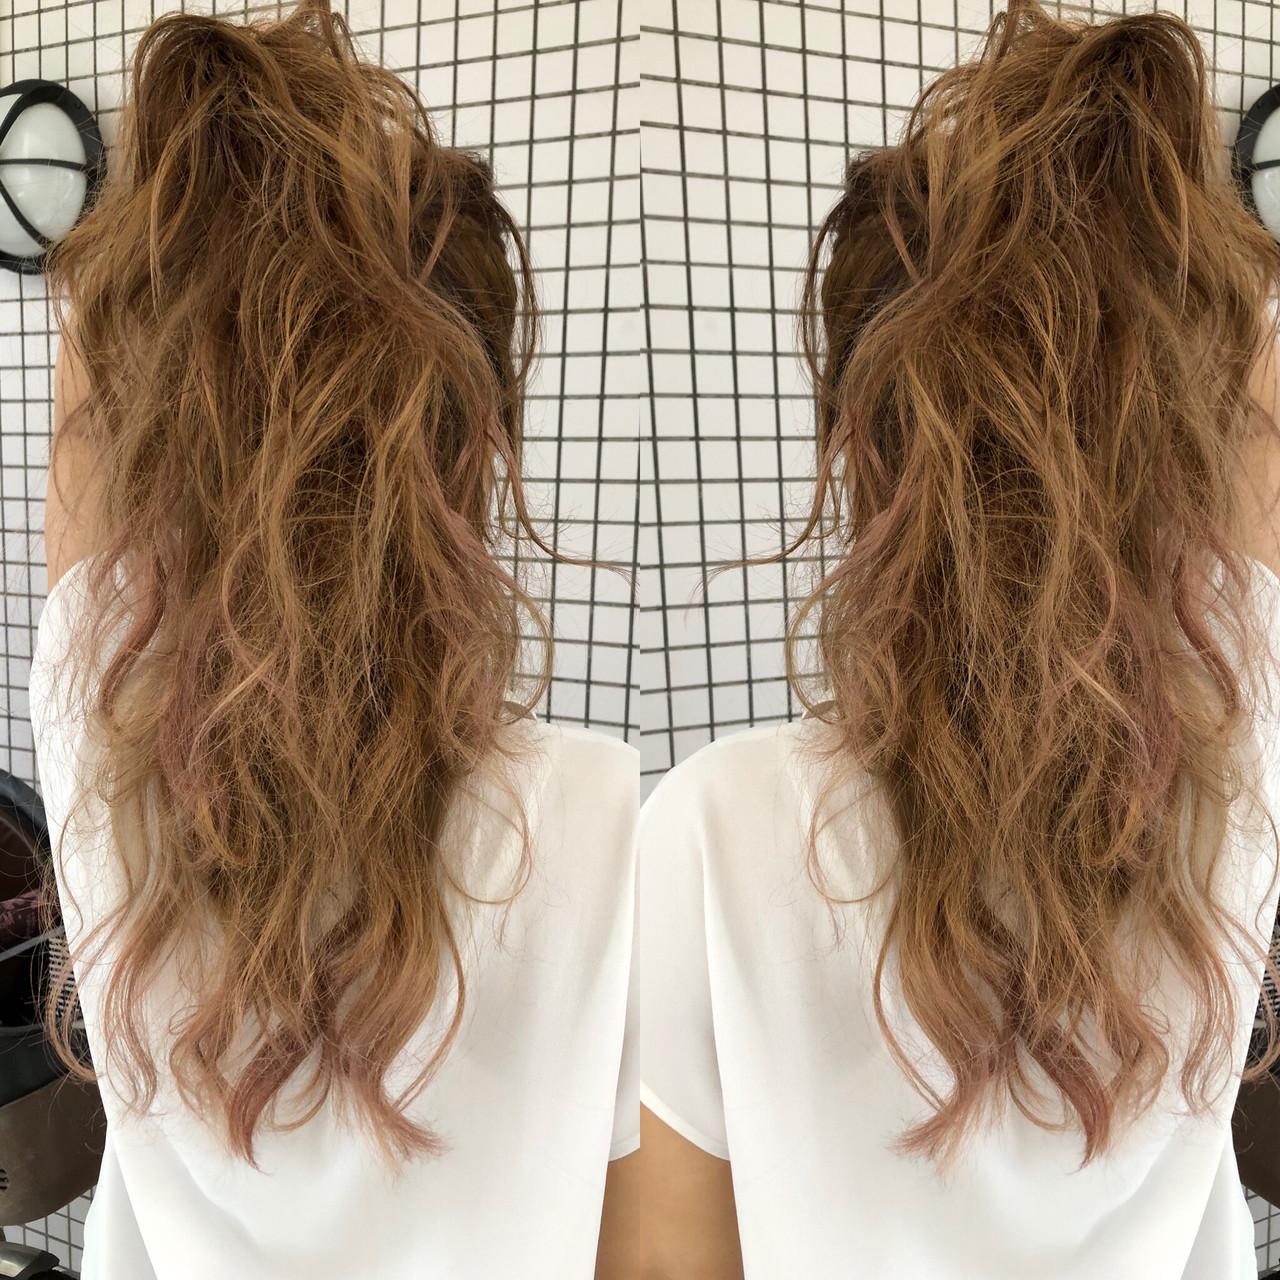 デート ガーリー バレイヤージュ 西海岸風 ヘアスタイルや髪型の写真・画像